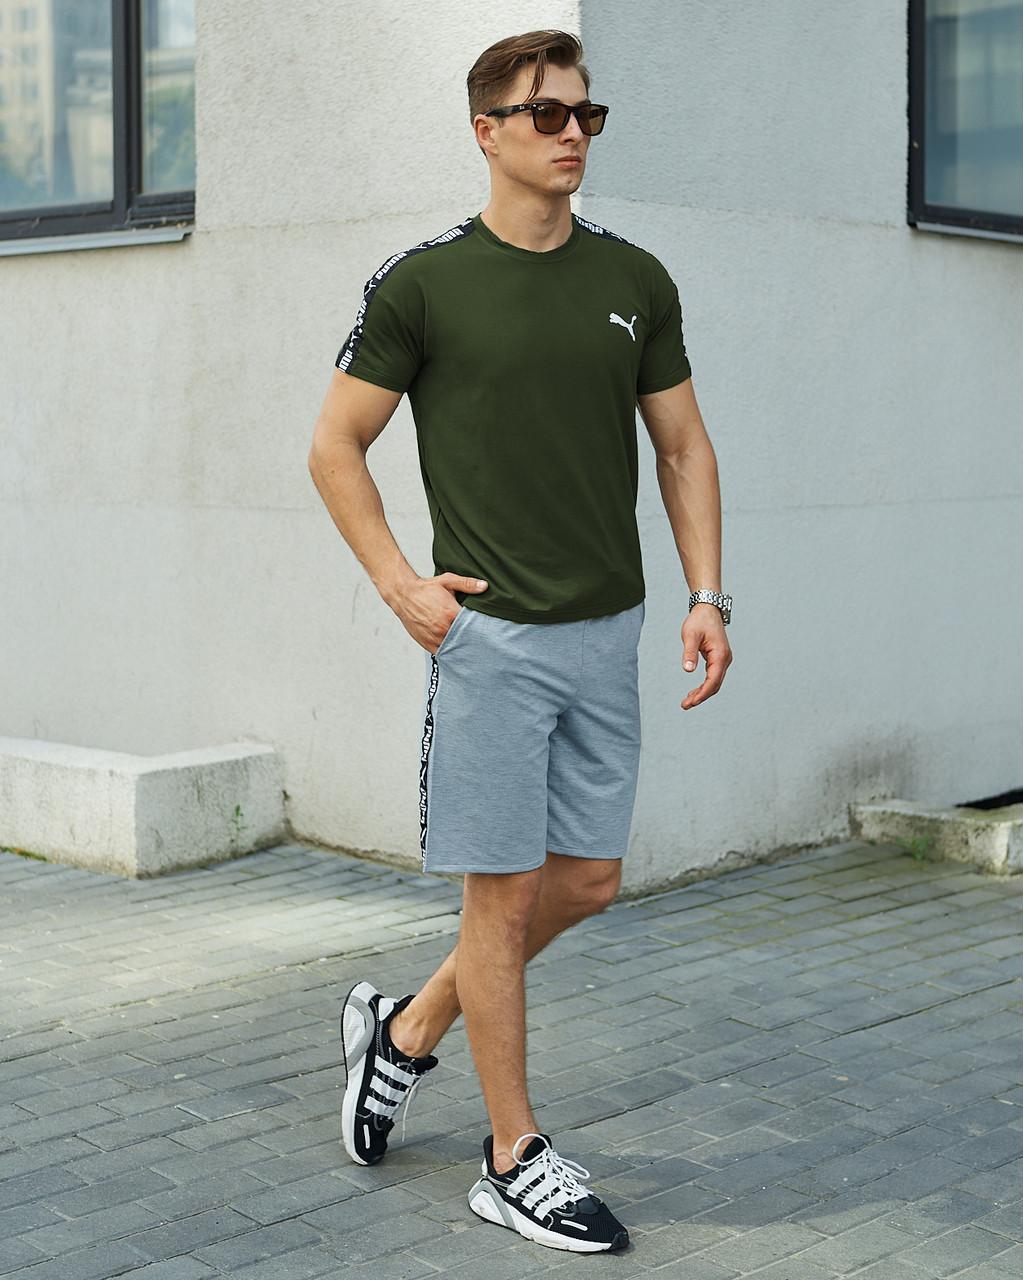 Річний комплект Пума (Puma) хакі футболка чоловіча + сірі шорти S, M, L, XL